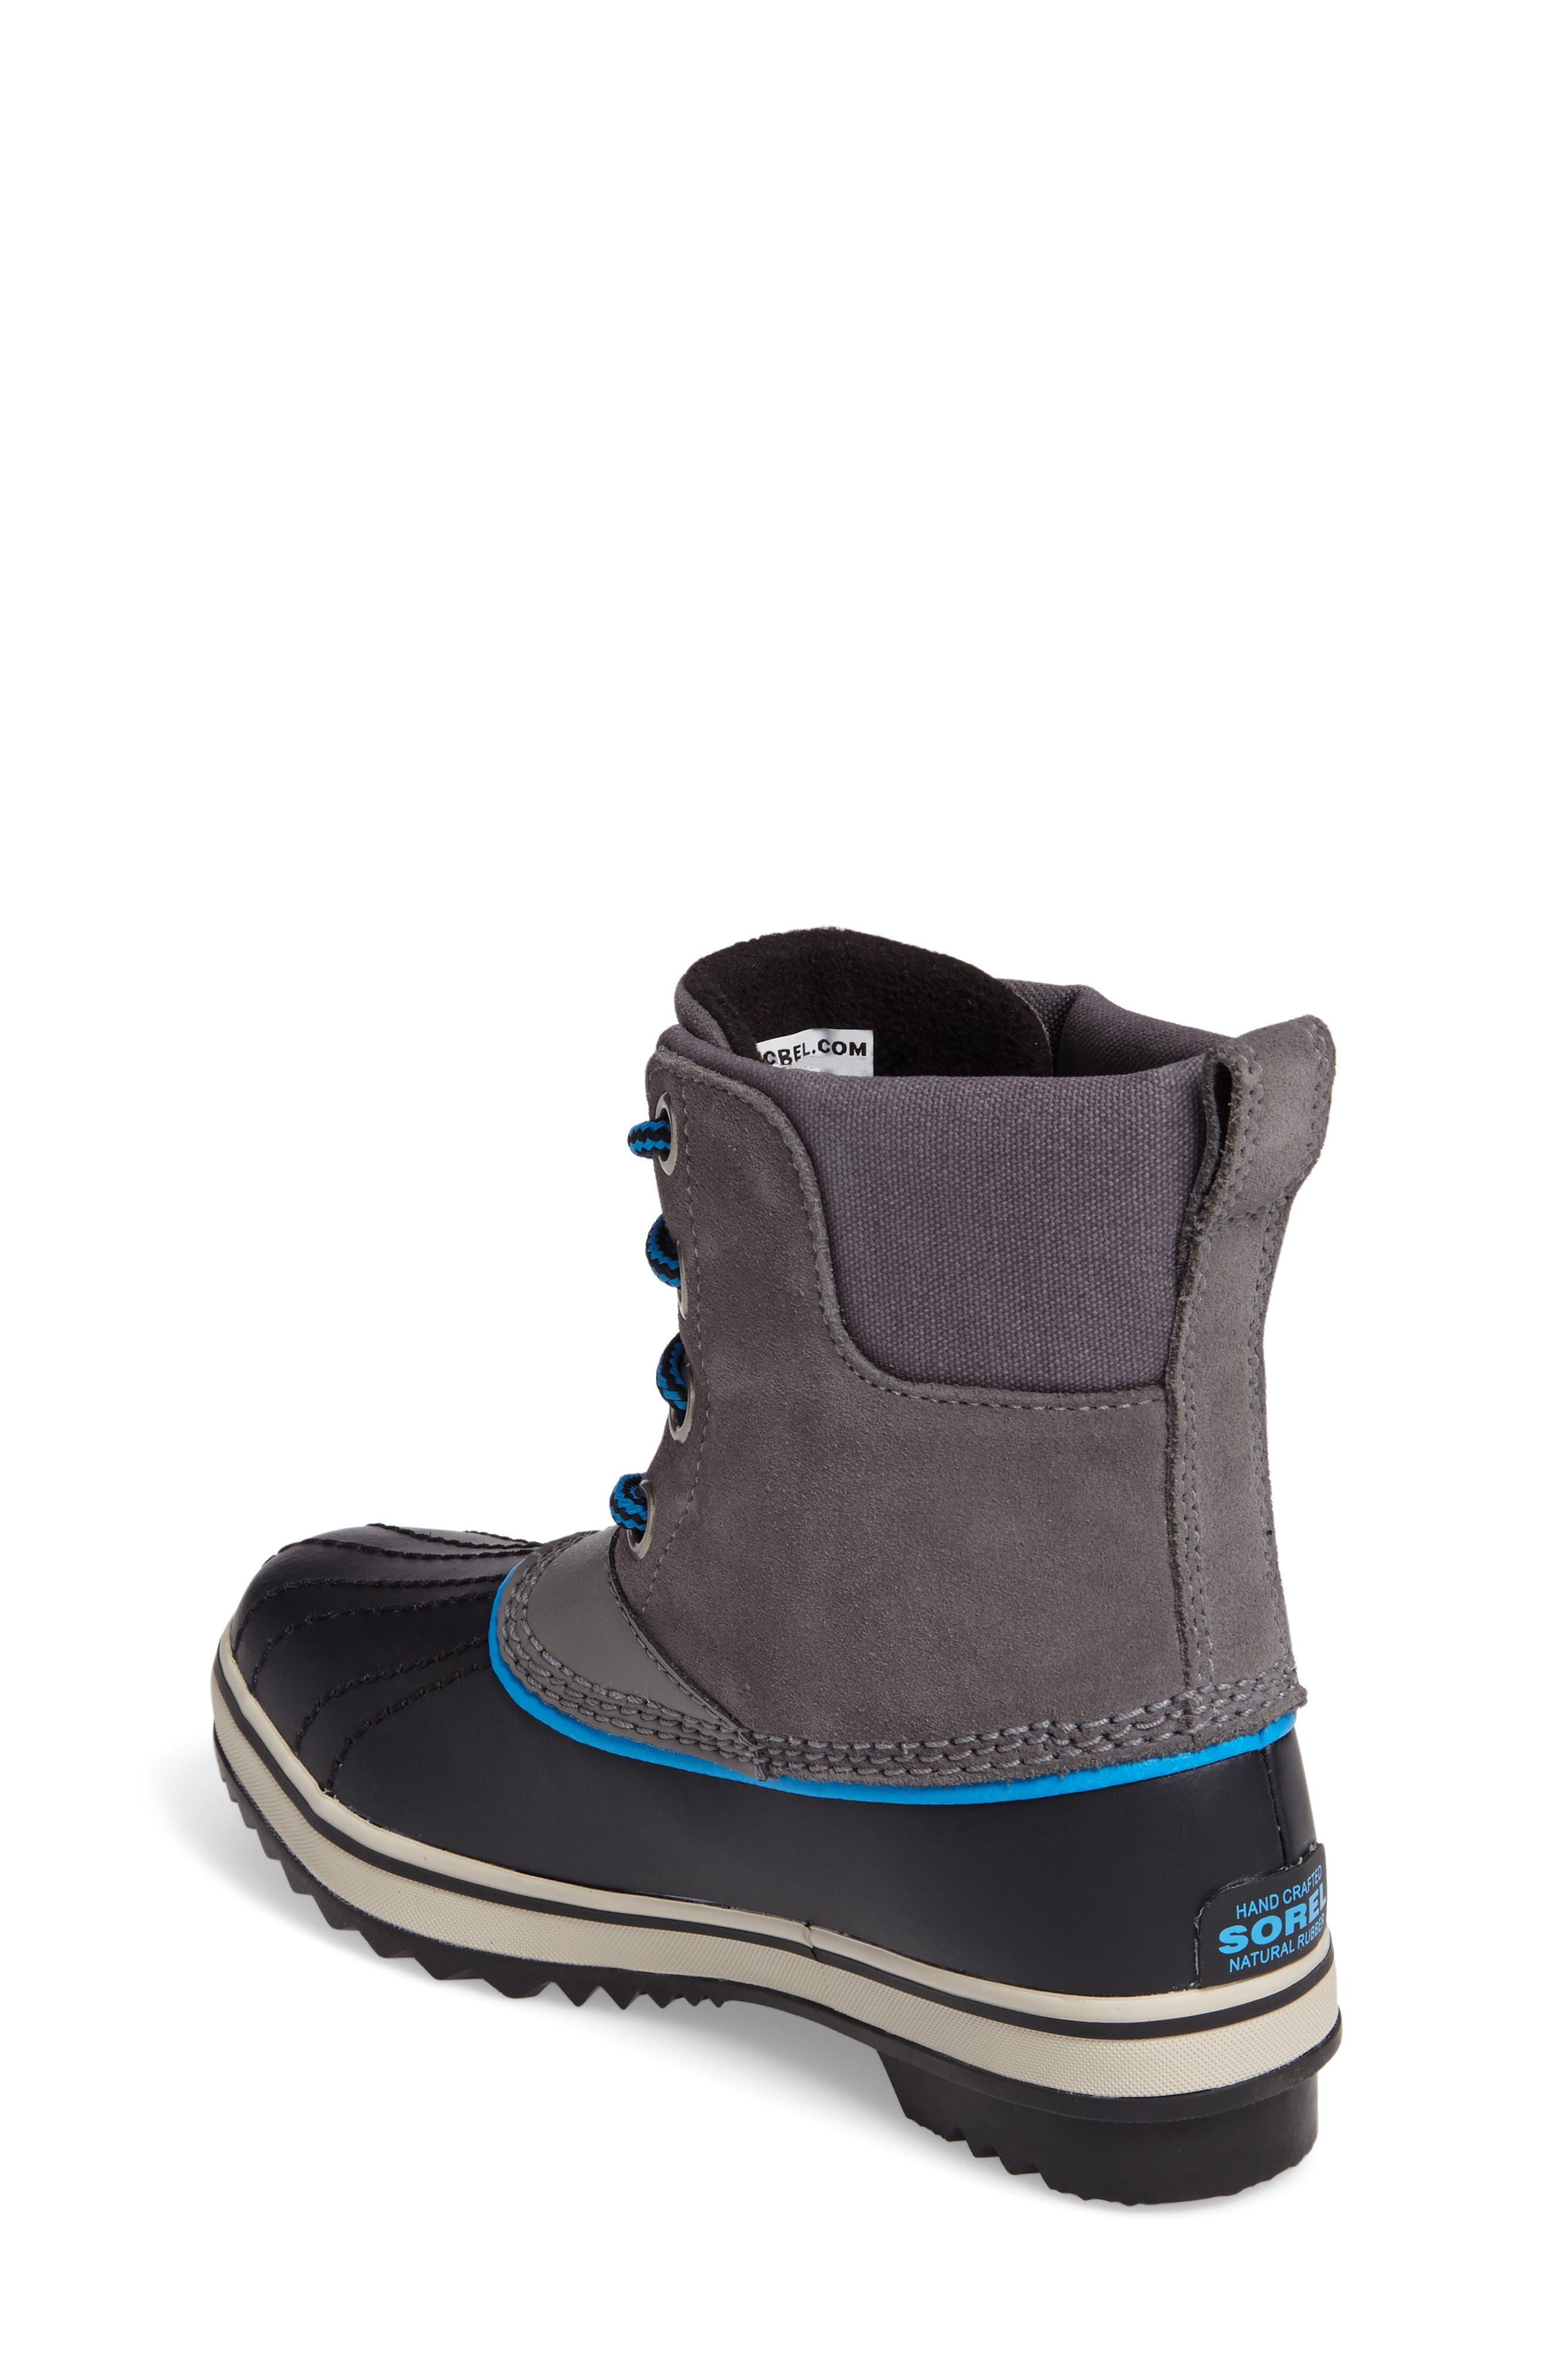 Alternate Image 2  - SOREL 'Slimpack II' Waterproof Boot (Little Kid & Big Kid)